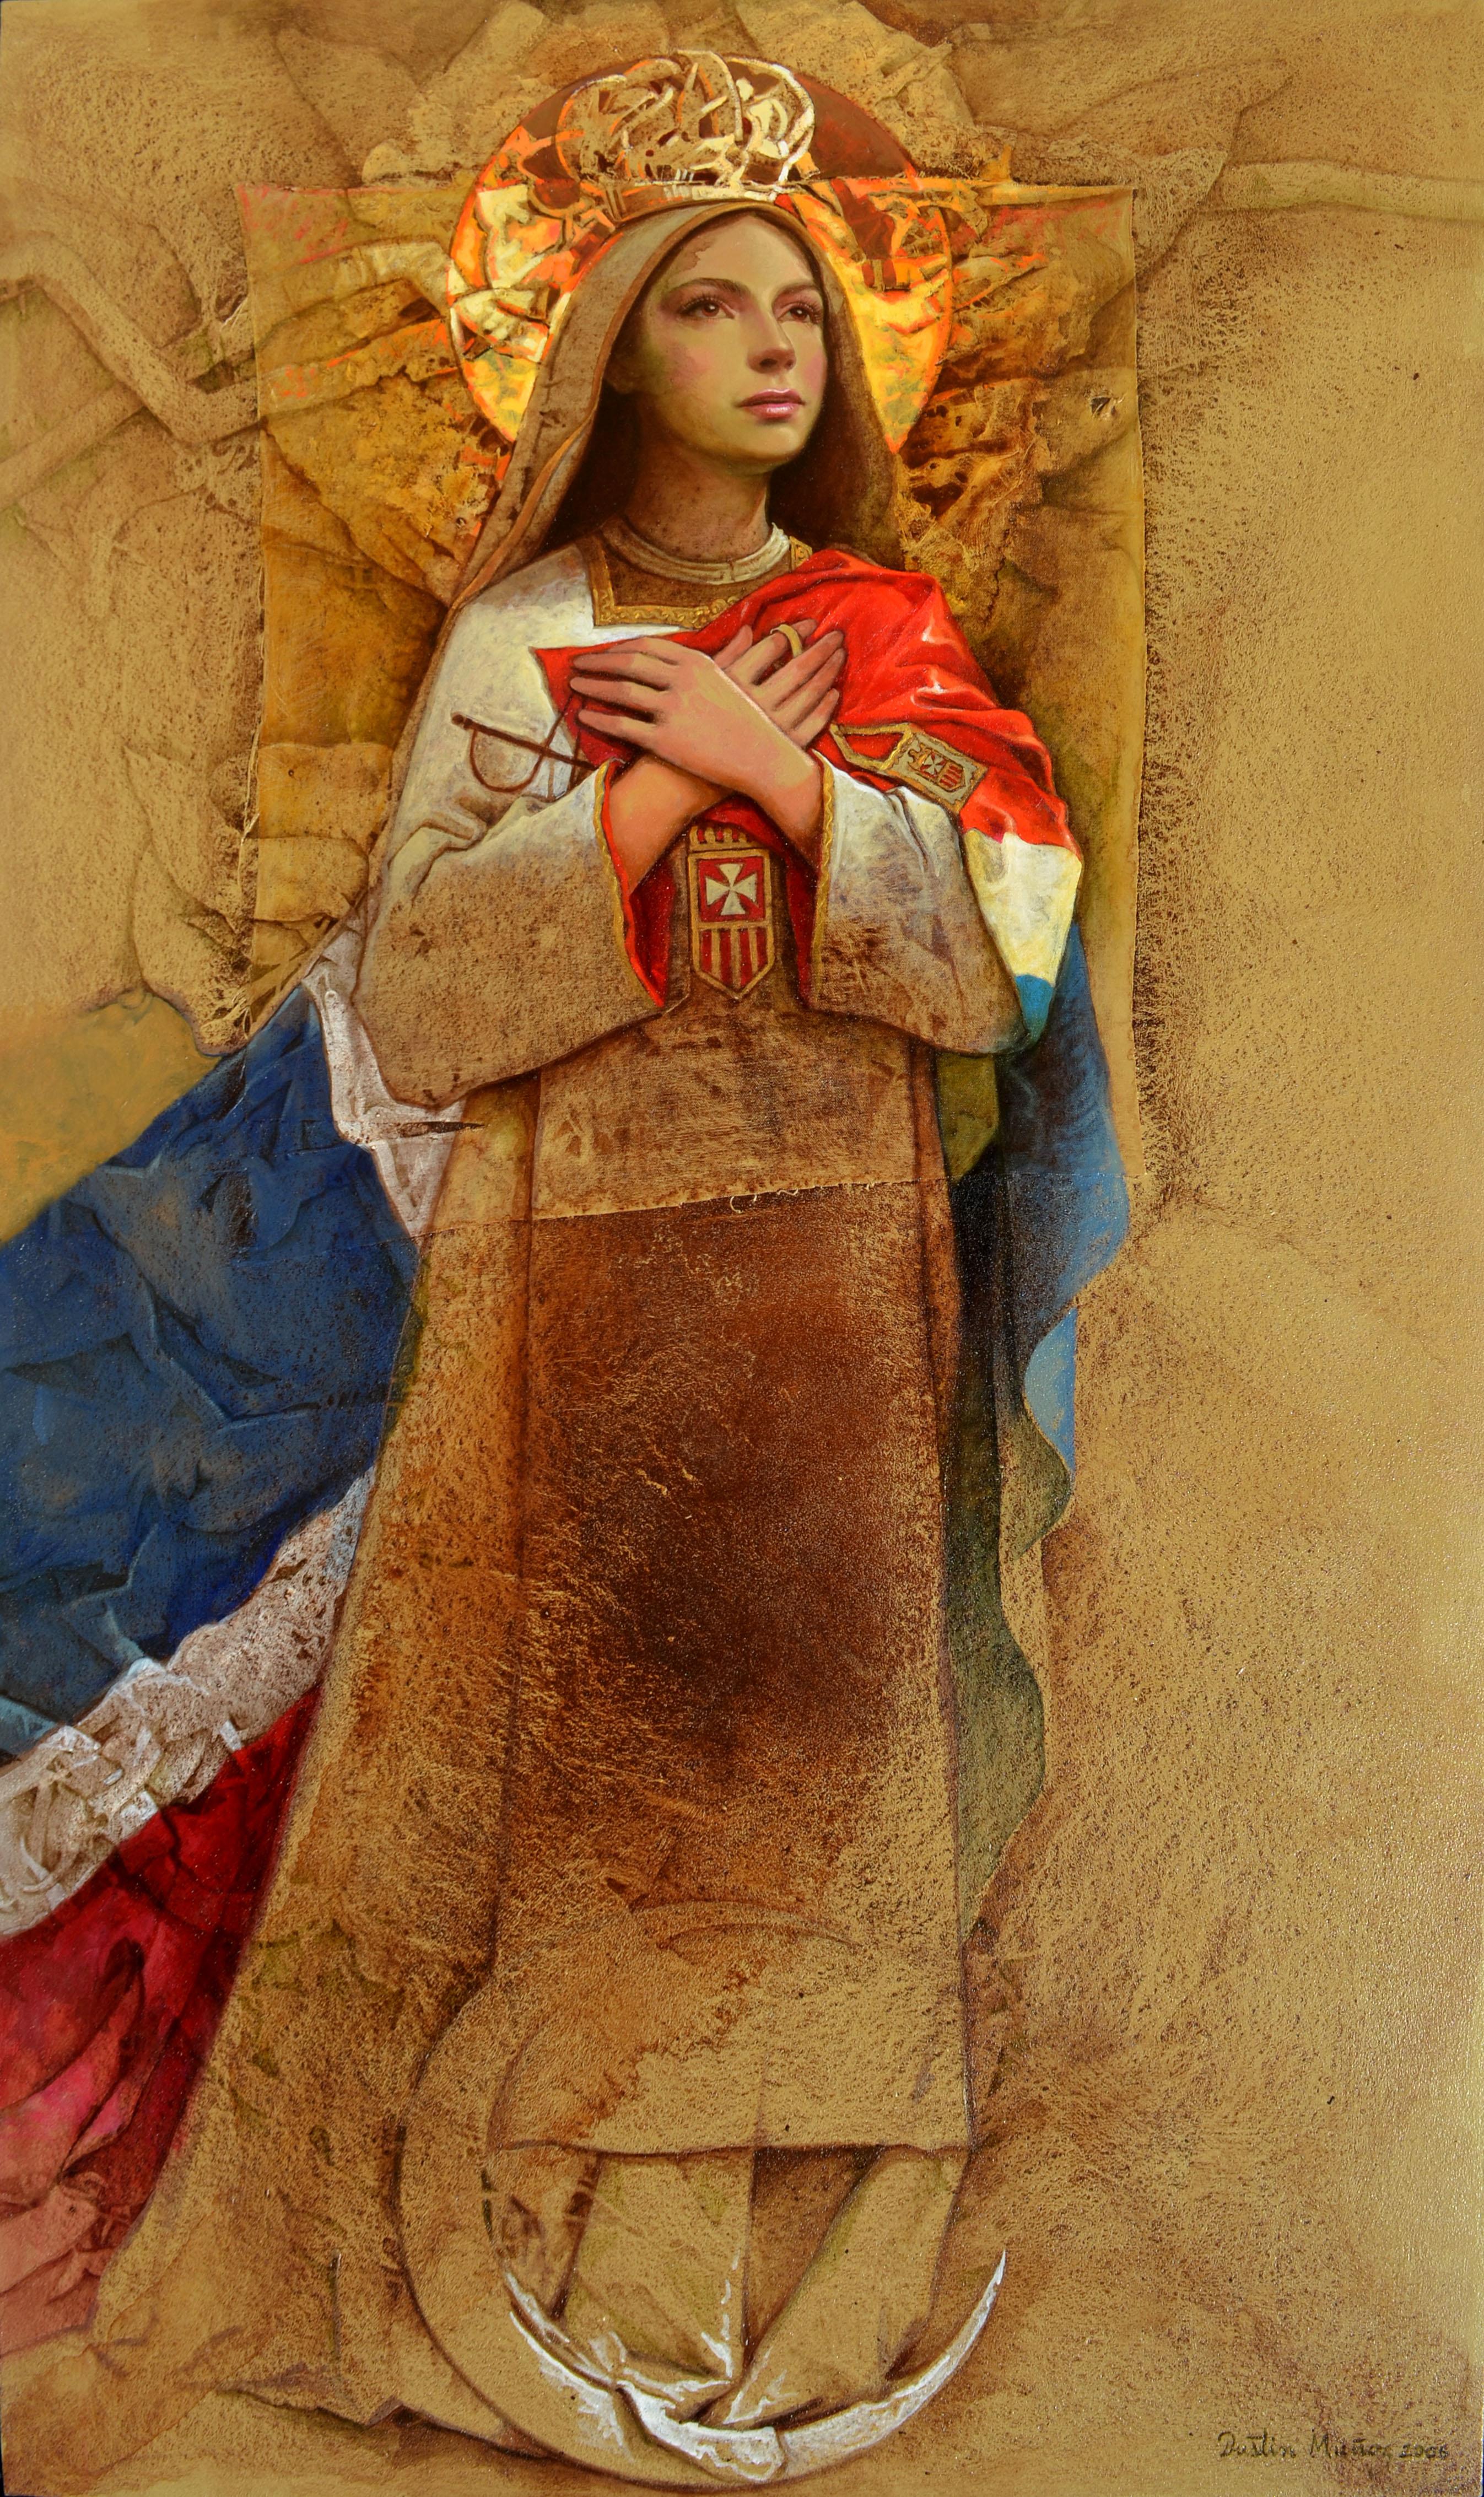 Nuestra Señora de Las Mercedes, 65x40pulgs, acrílica-collage sobre tela, Dustin Muñoz, 2006